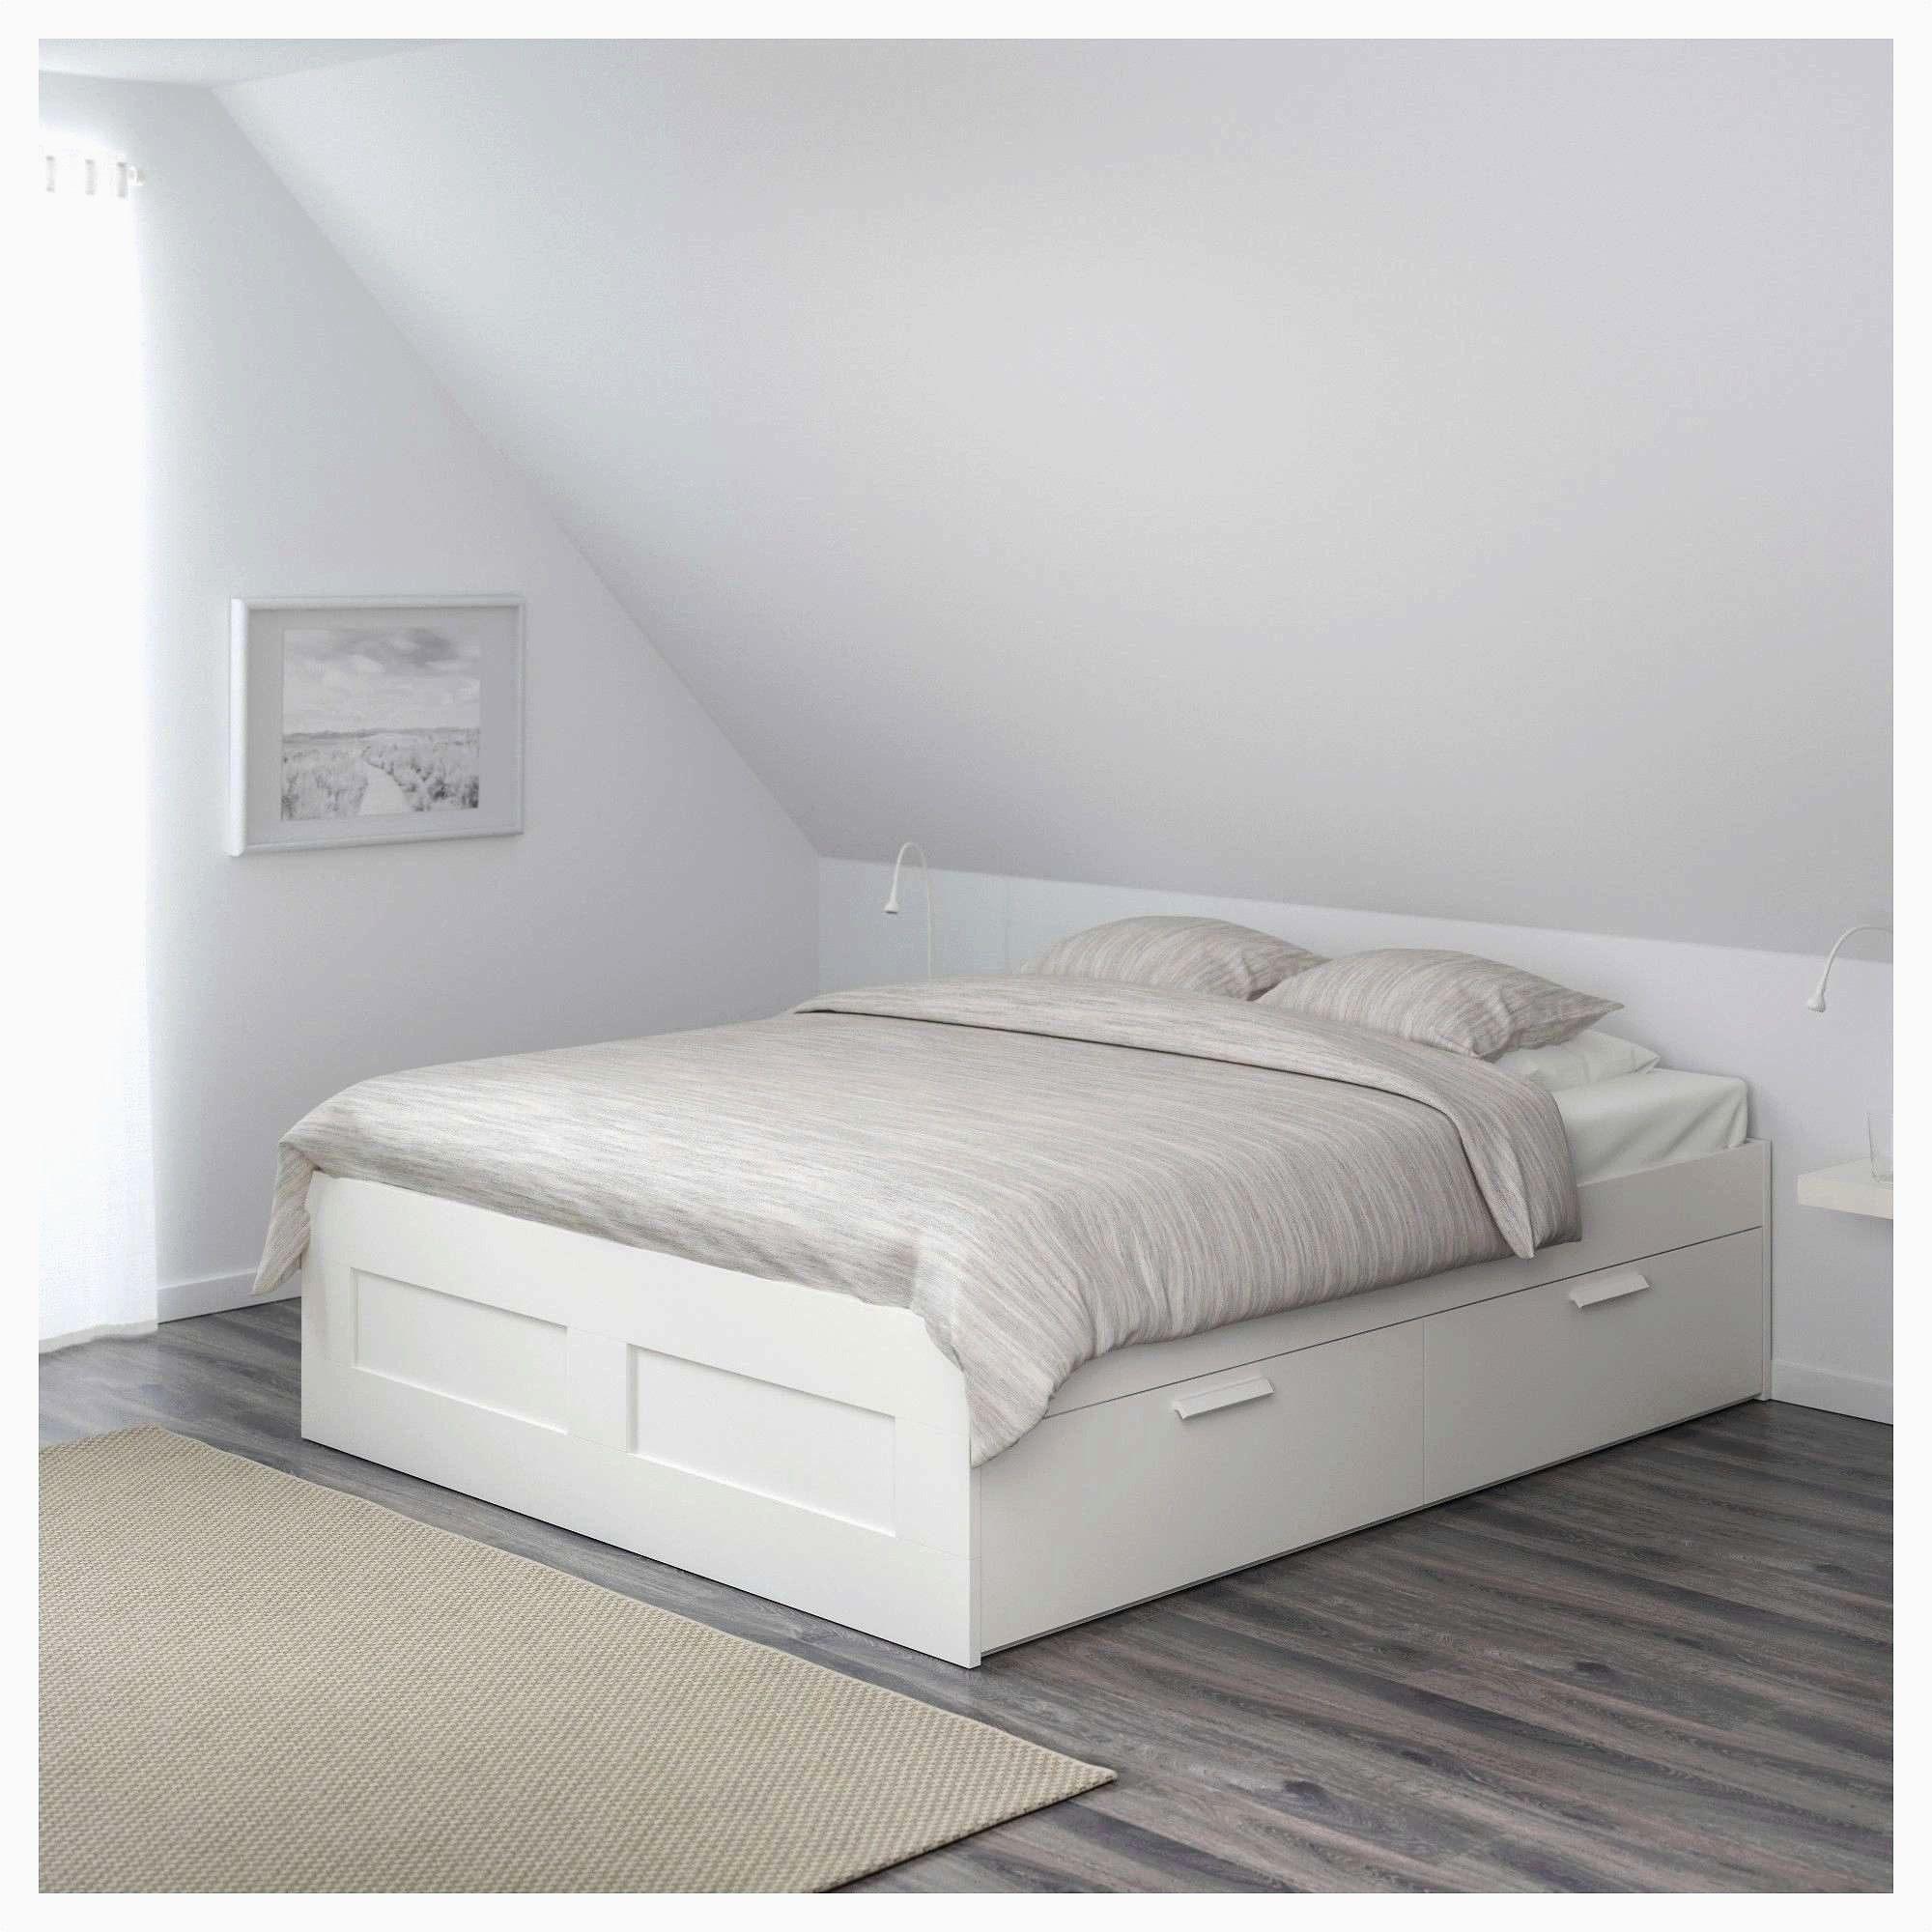 Tete De Lit 180 Cm Frais Tete De Lit 90 Cm Tete De Lit 180 Cm Ikea Rare Armoire Malm Ikea